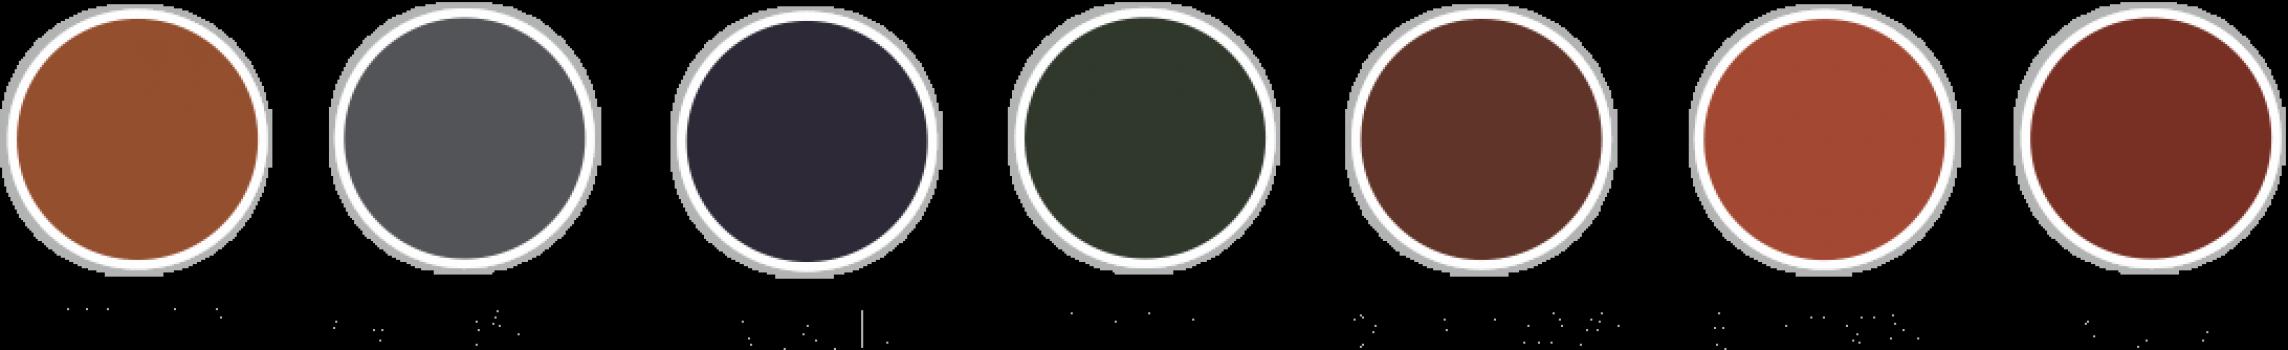 renotec-colours